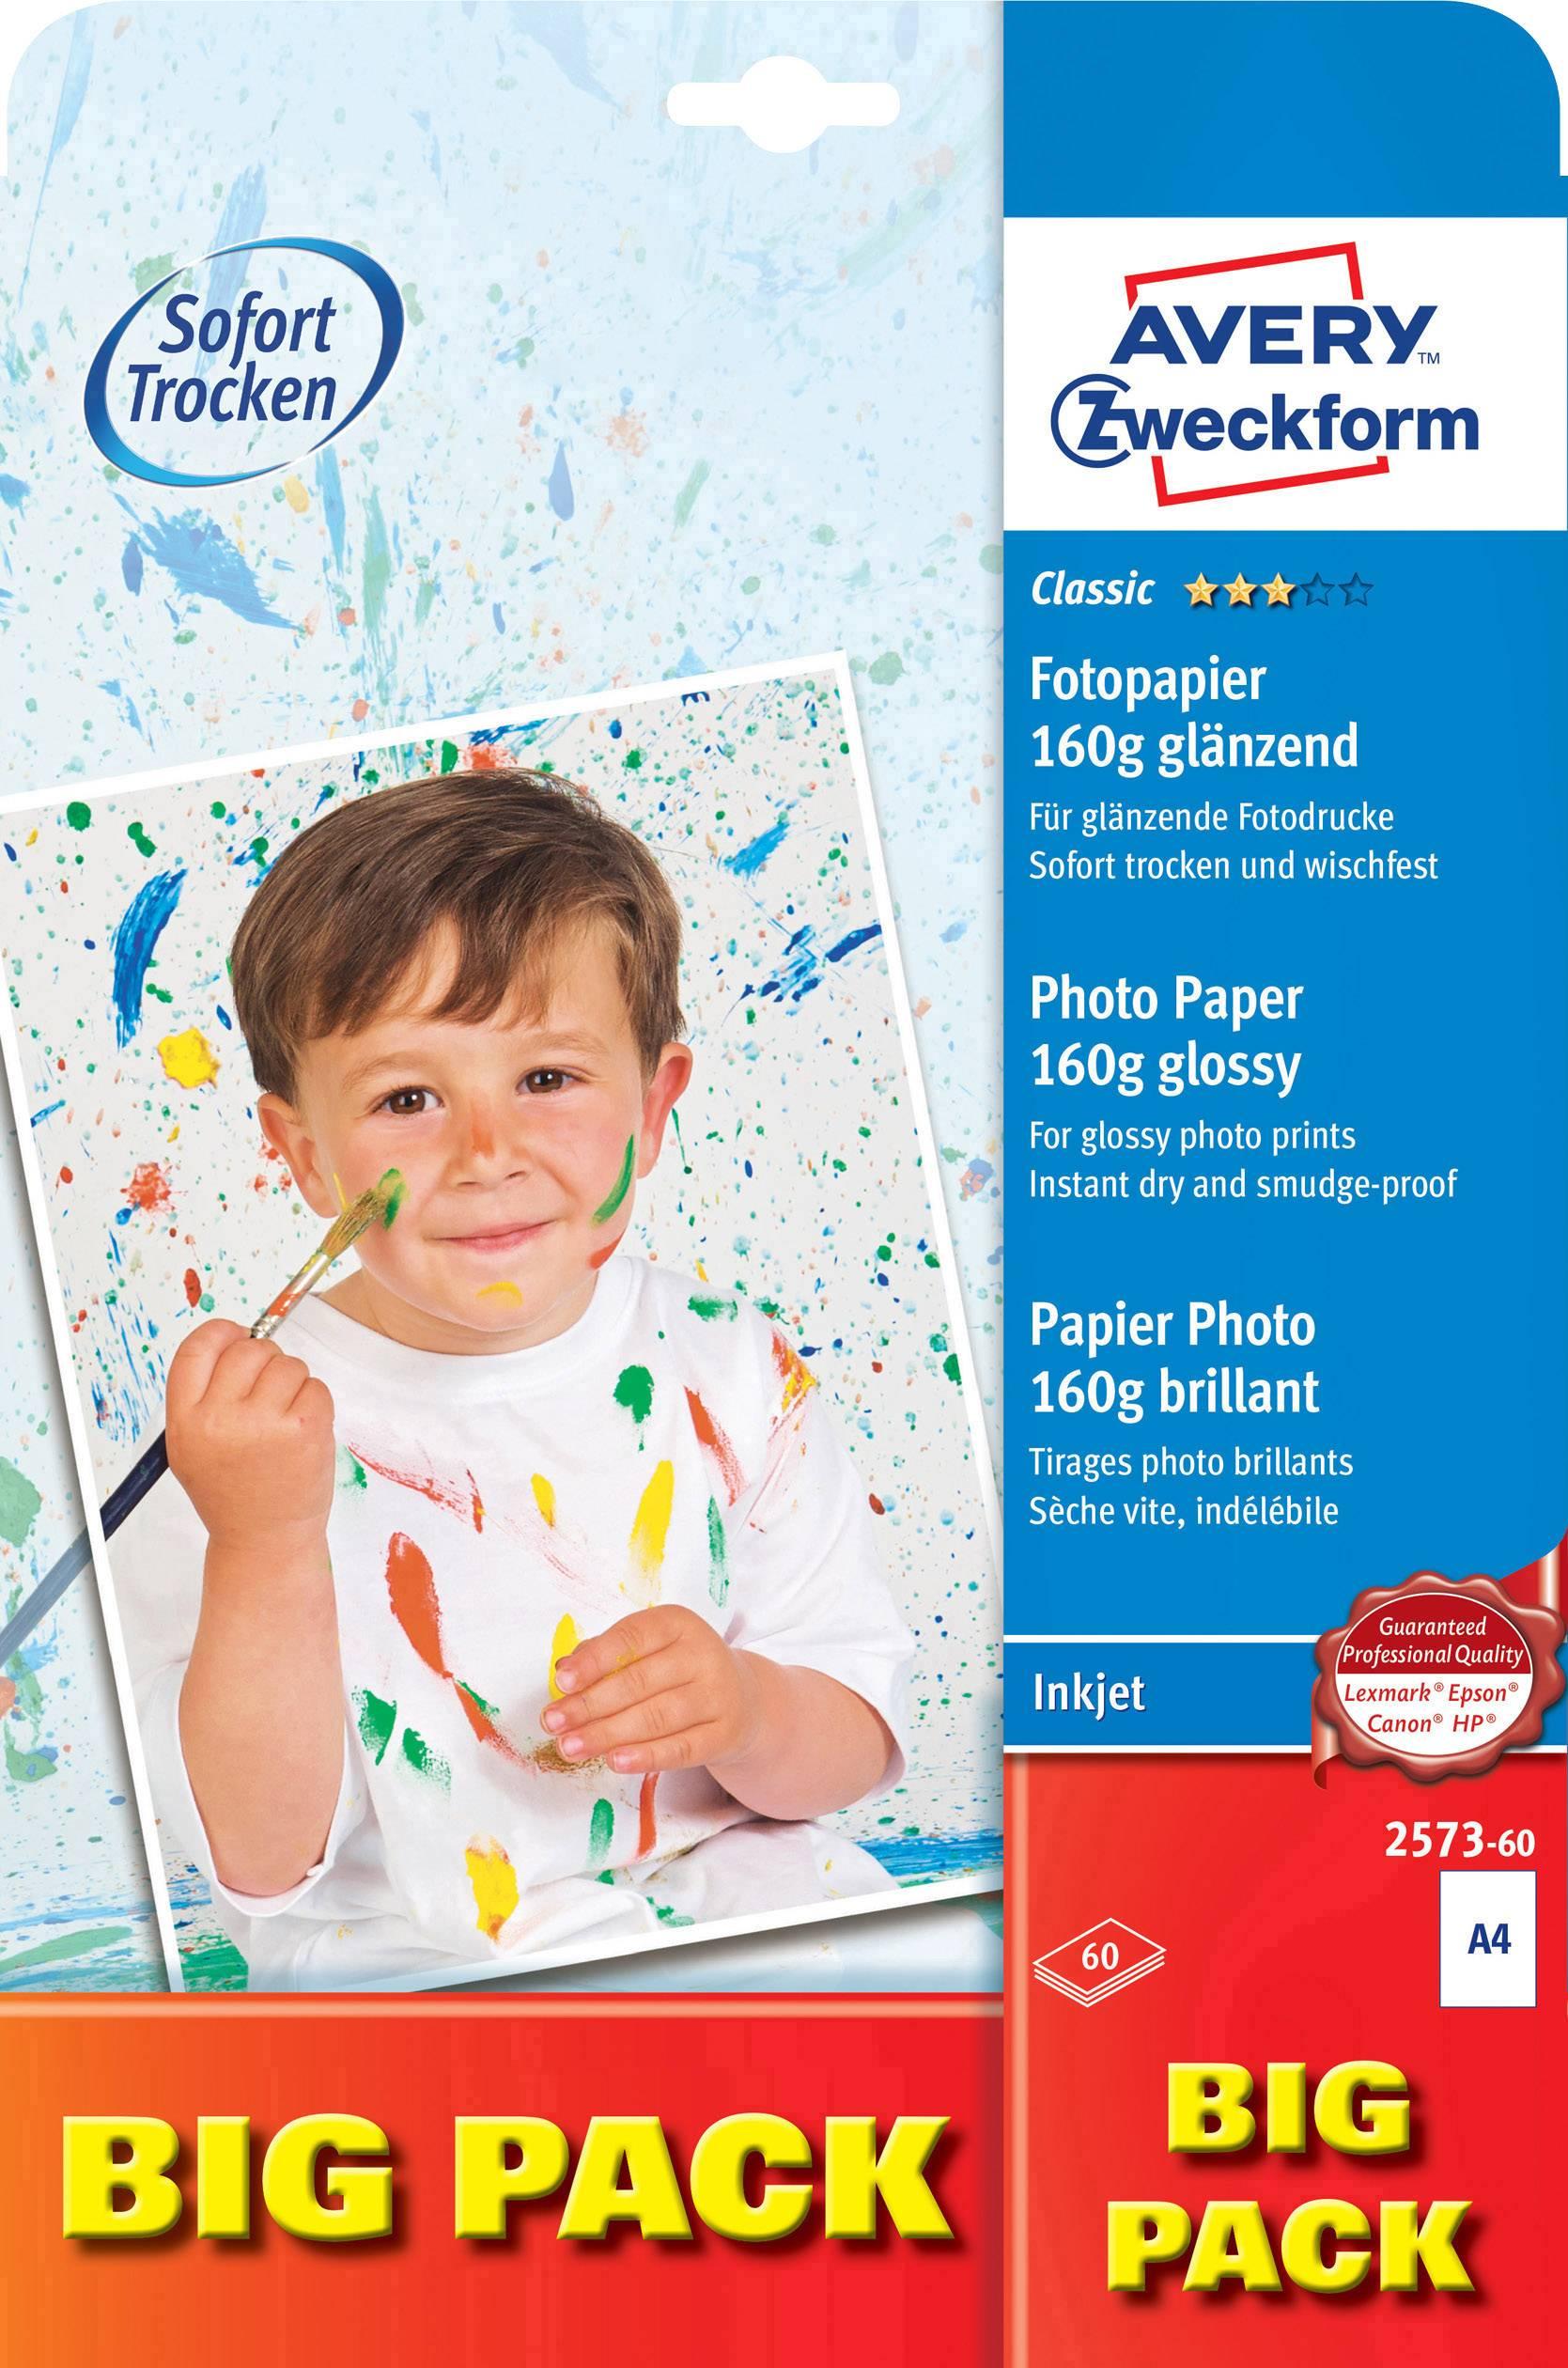 Fotografický papier Avery-Zweckform Classic Photo Paper Inkjet 2573-60, A4, 160 gm², 60 listov